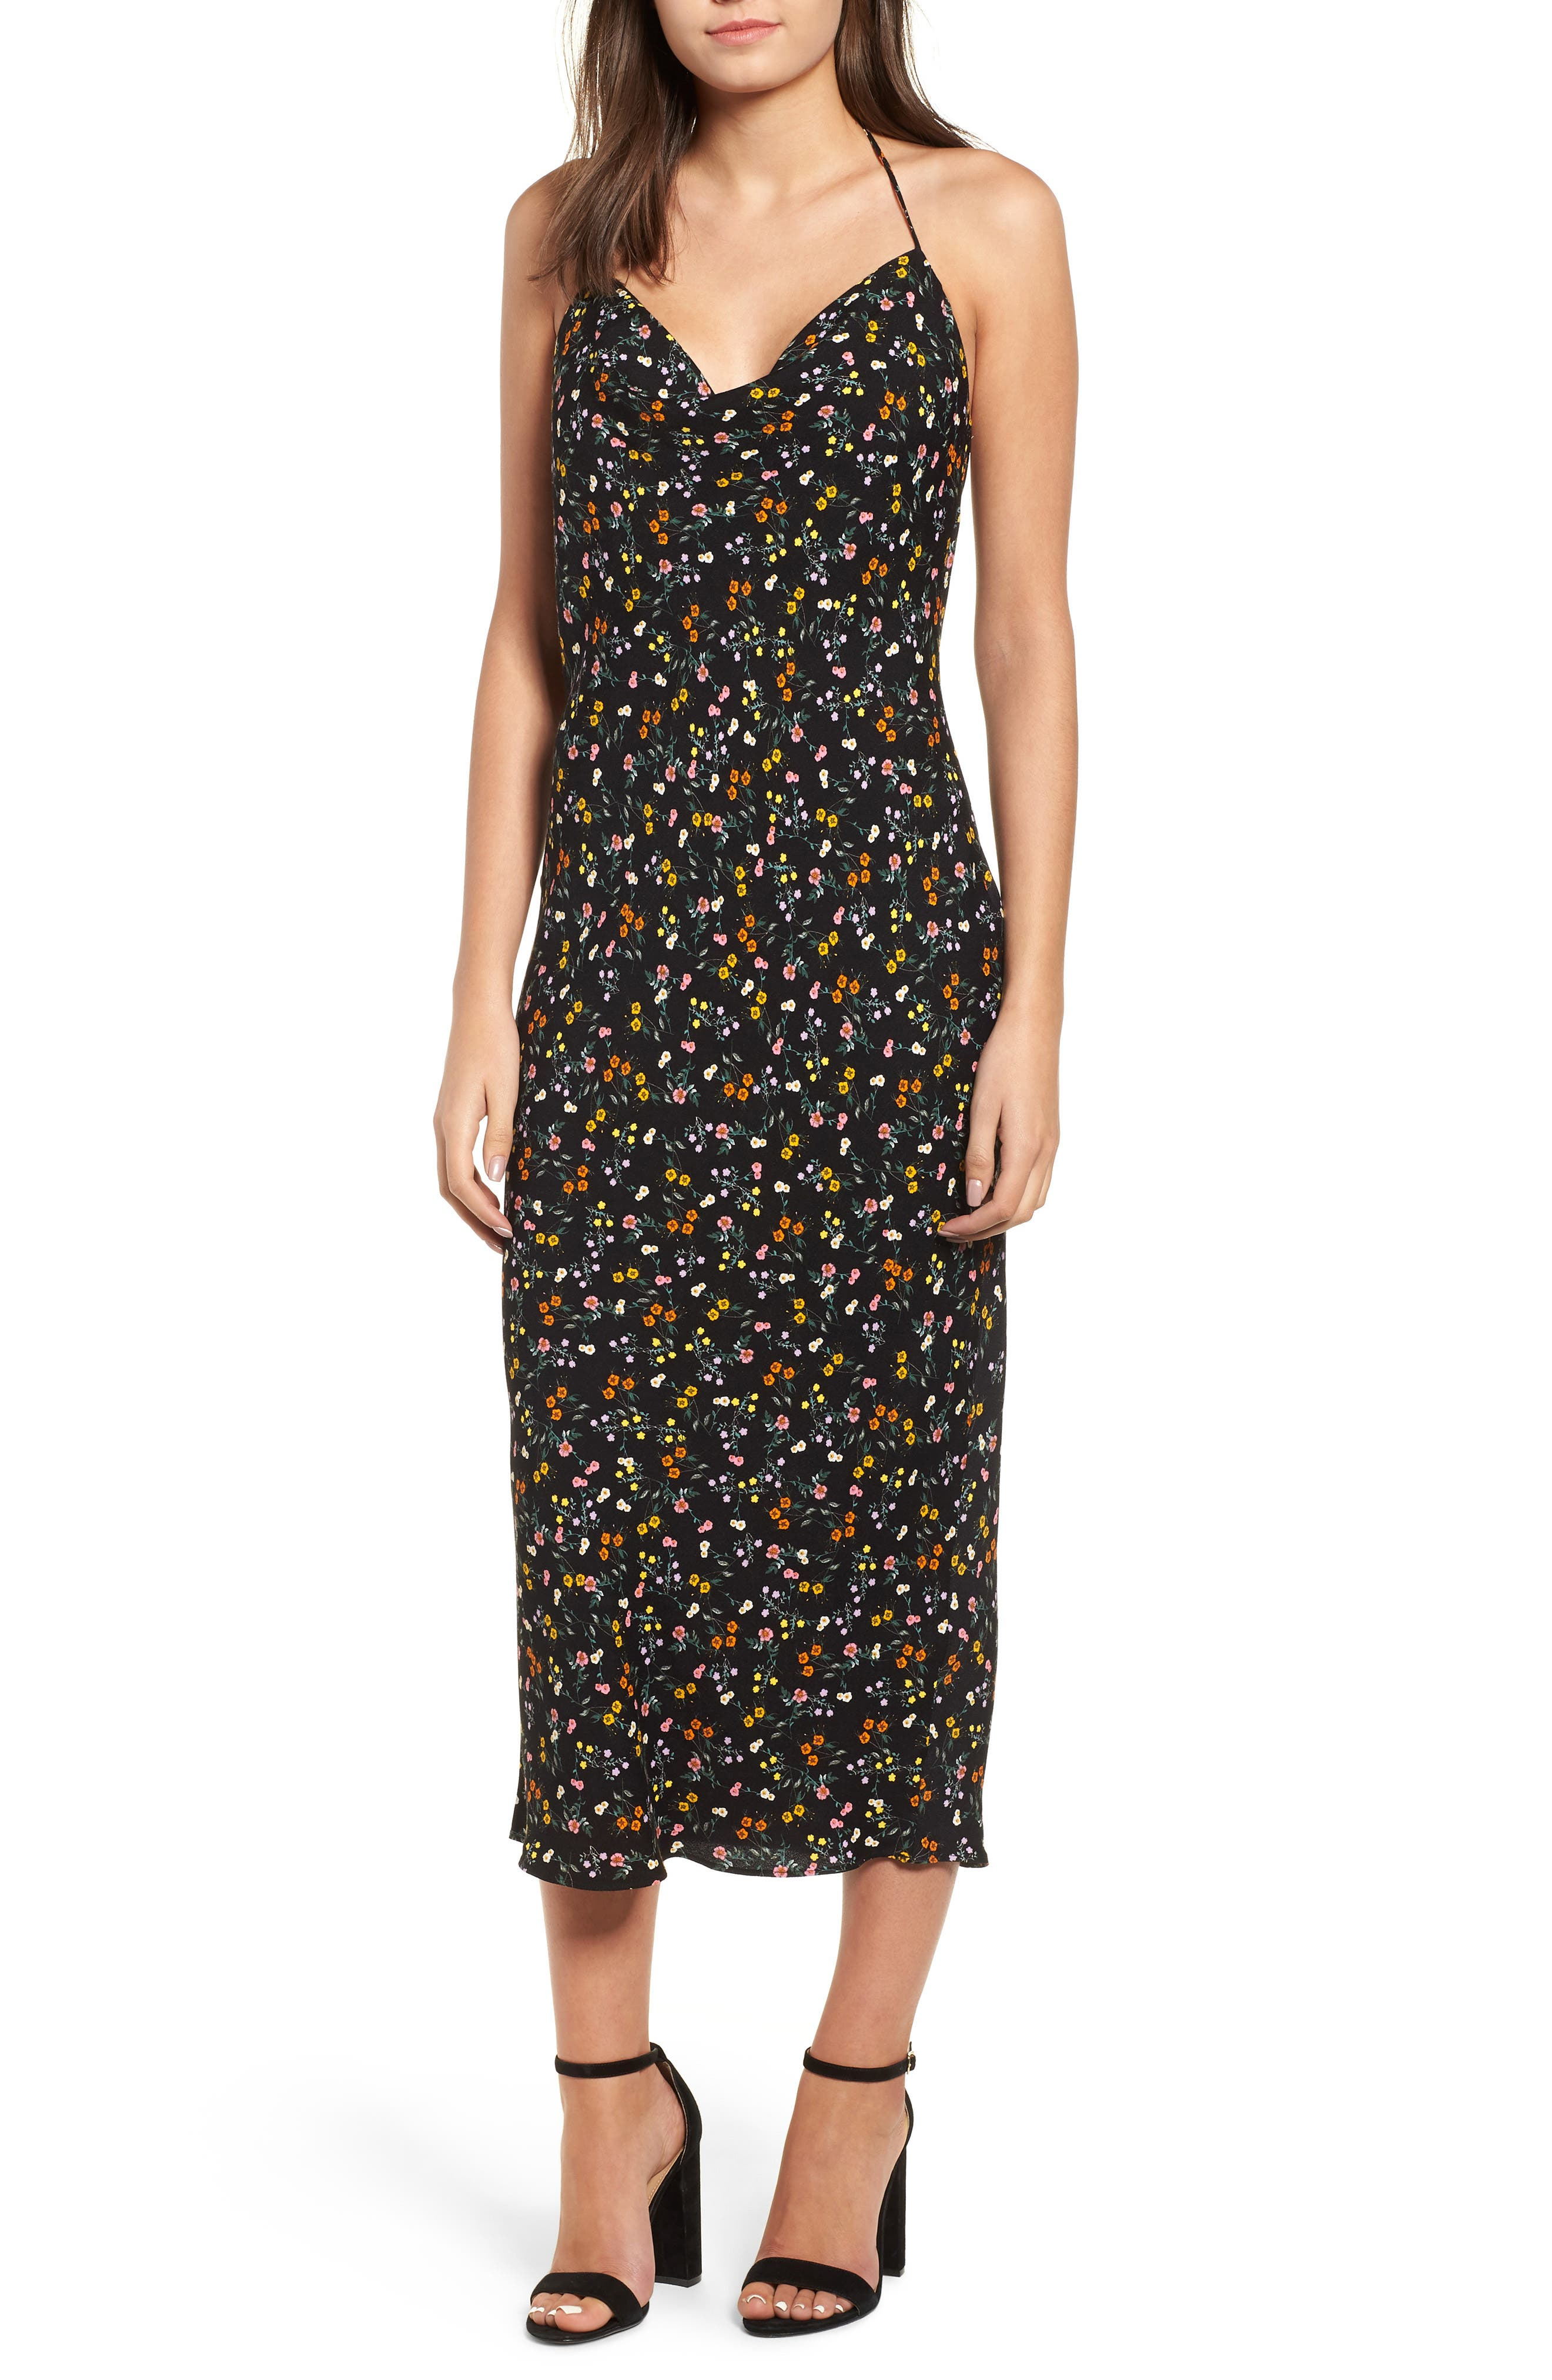 Rowland Midi Dress,                         Main,                         color, NOIR PETITE FLEUR